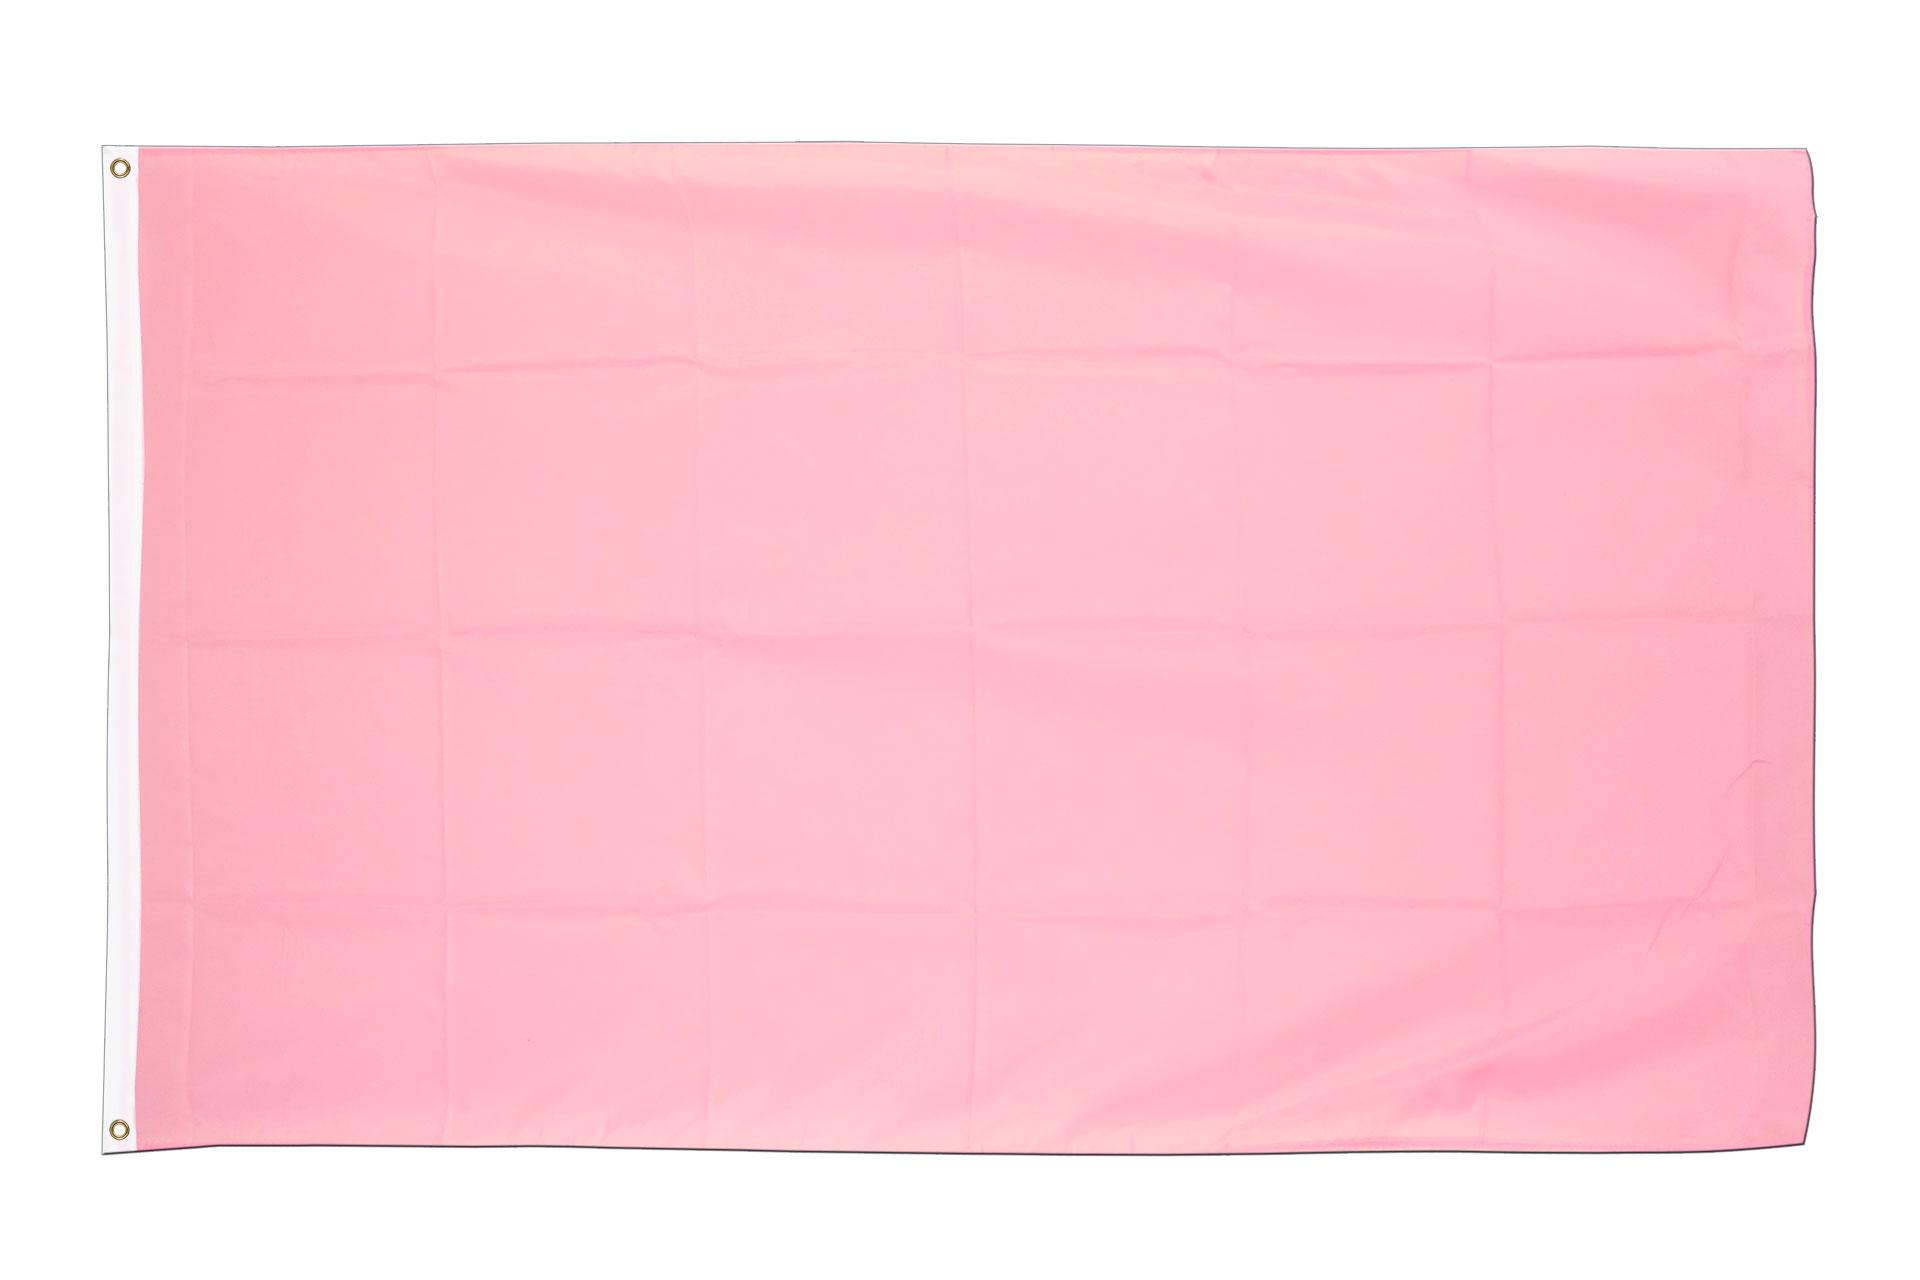 Drapeau pas cher rose 60 x 90 cm monsieur des drapeaux for Drapeau publicitaire exterieur pas cher